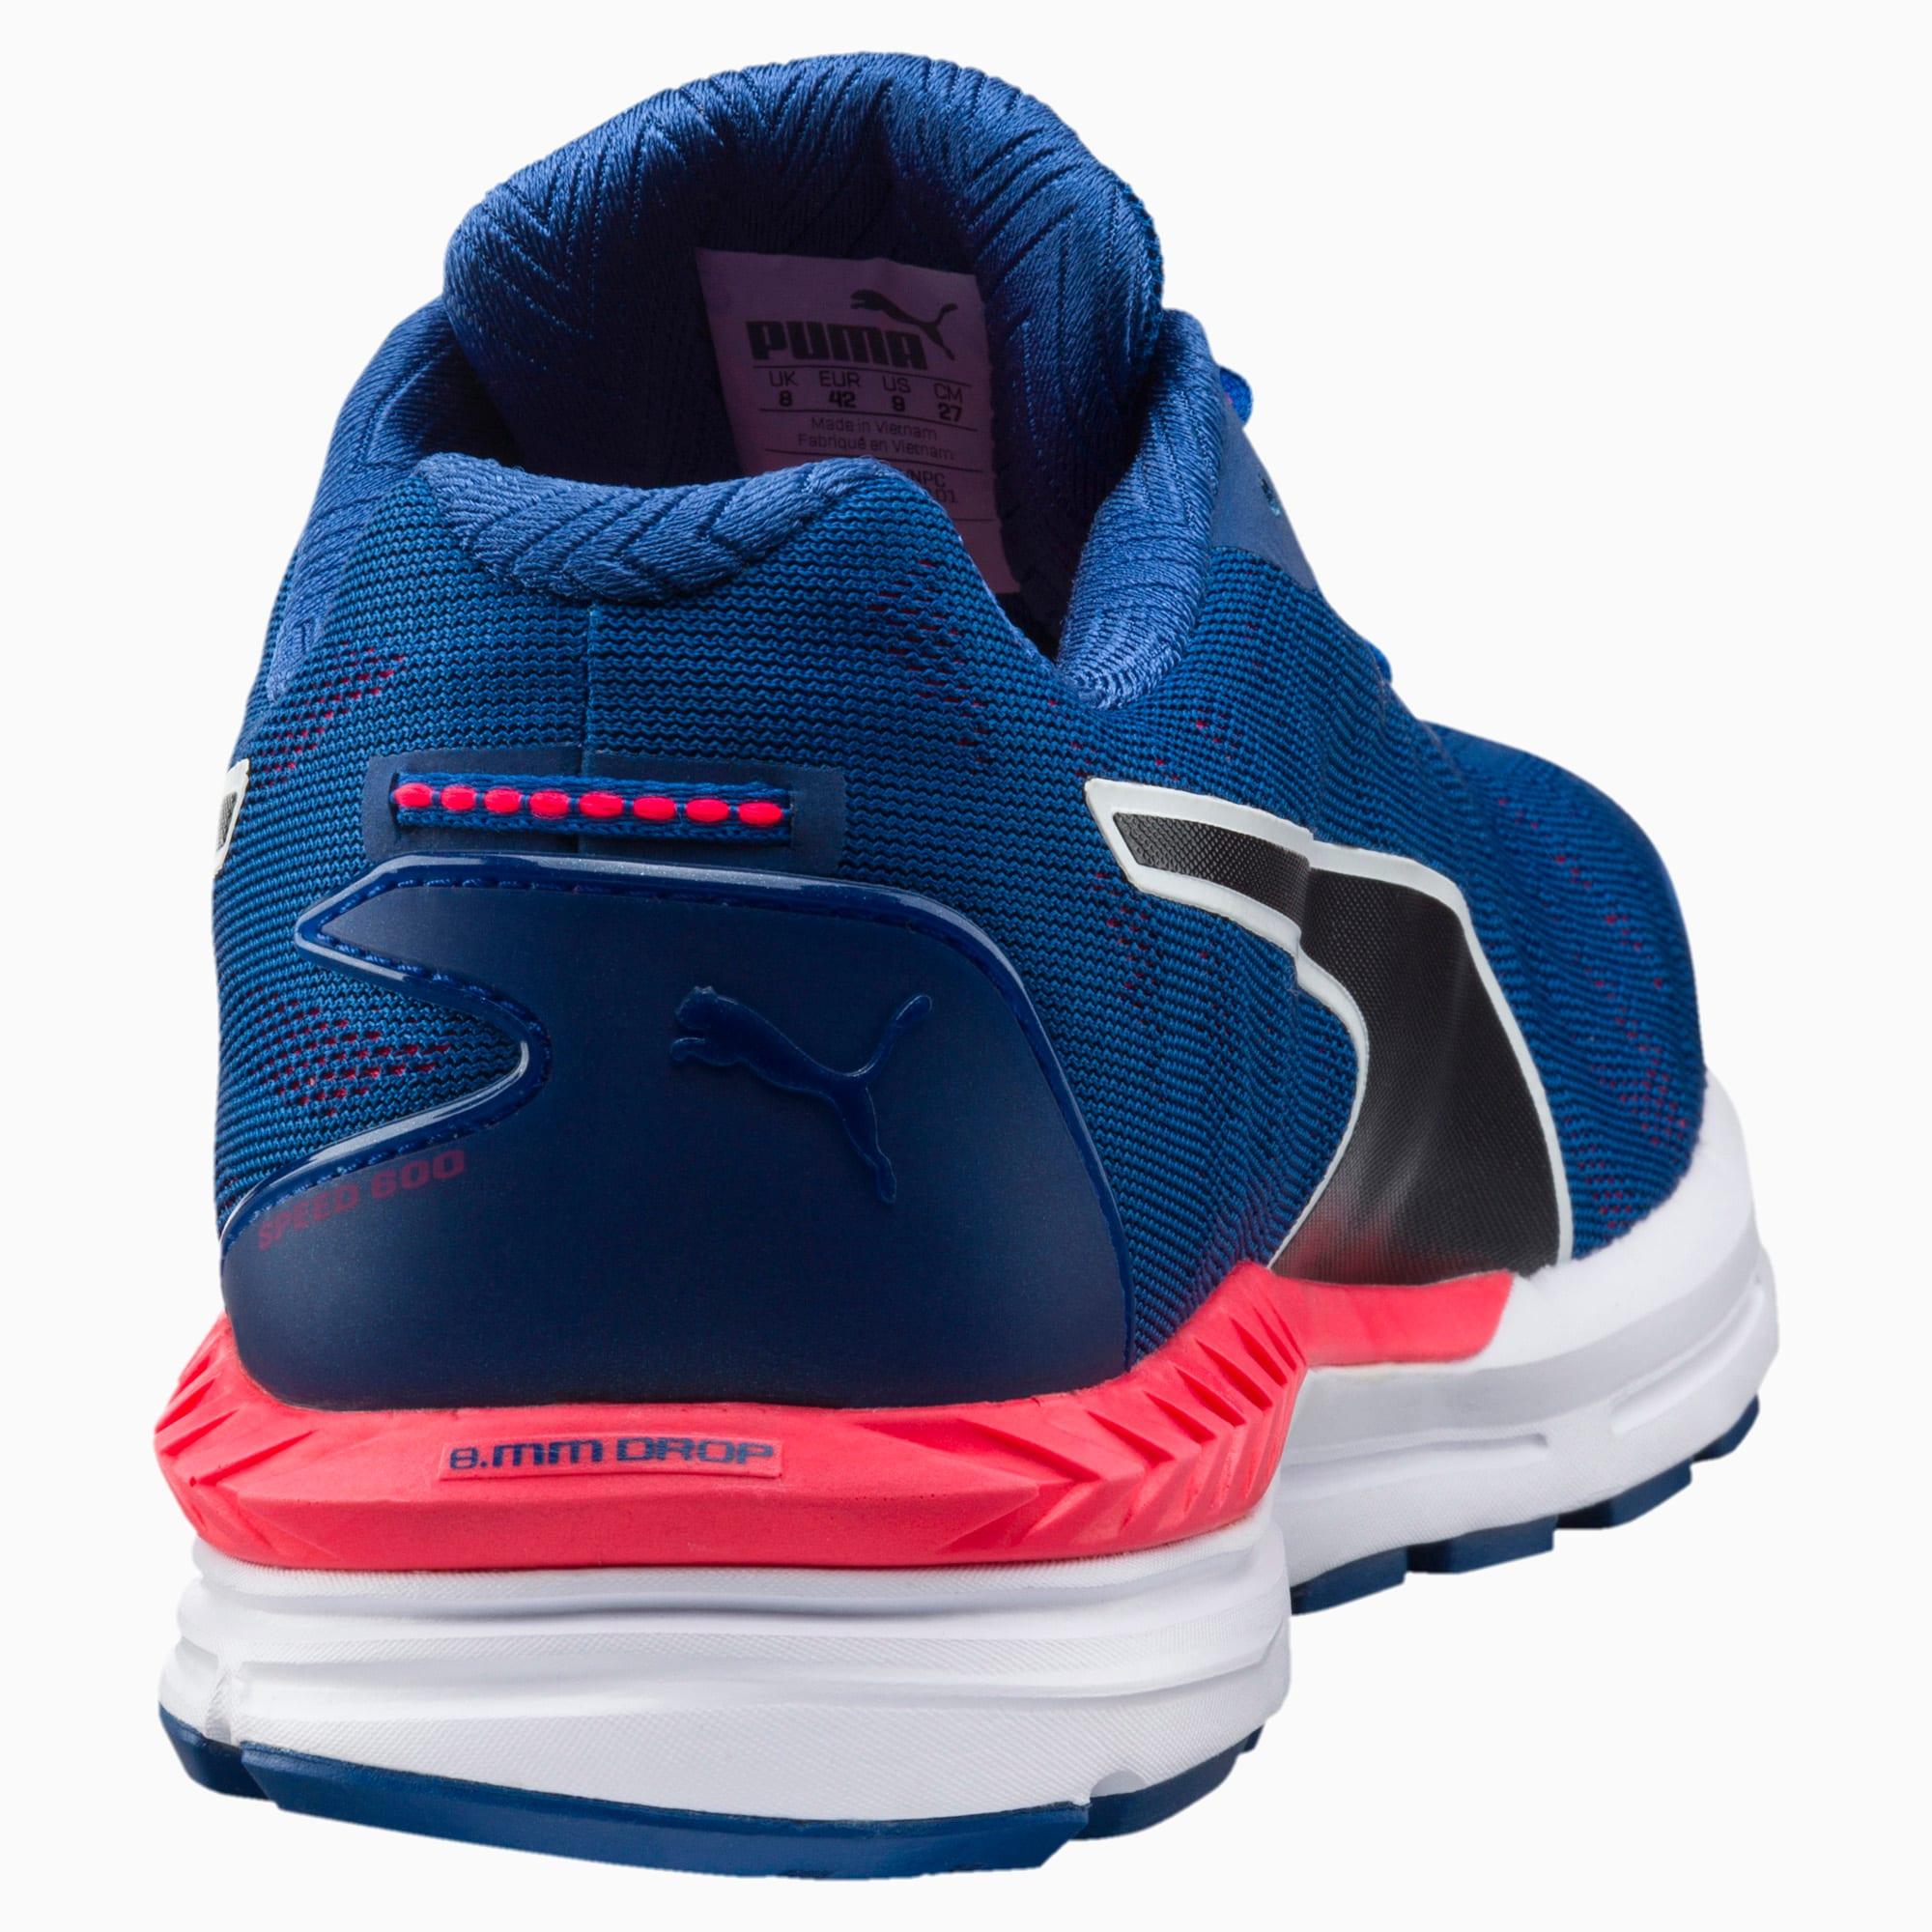 Asistente prototipo Piquete  Speed 600 IGNITE 2 Men's Running Shoes | PUMA US